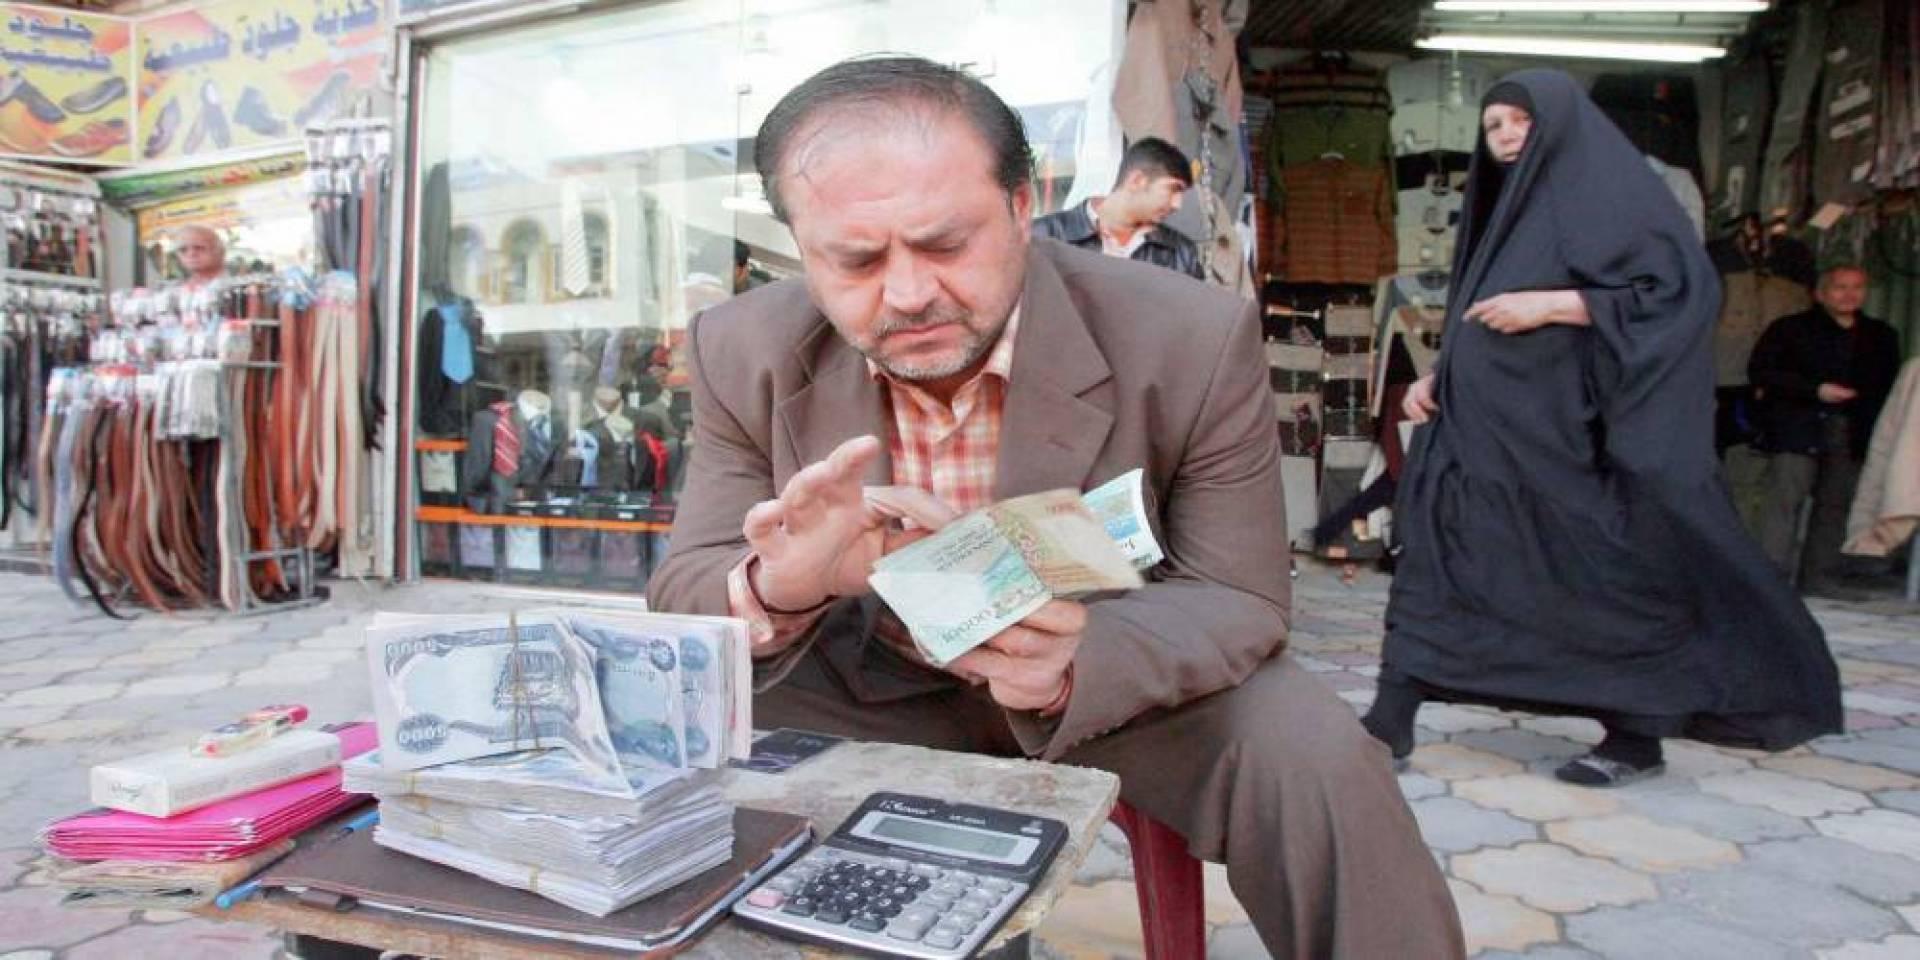 العراق يغرق في أزمة اقتصادية